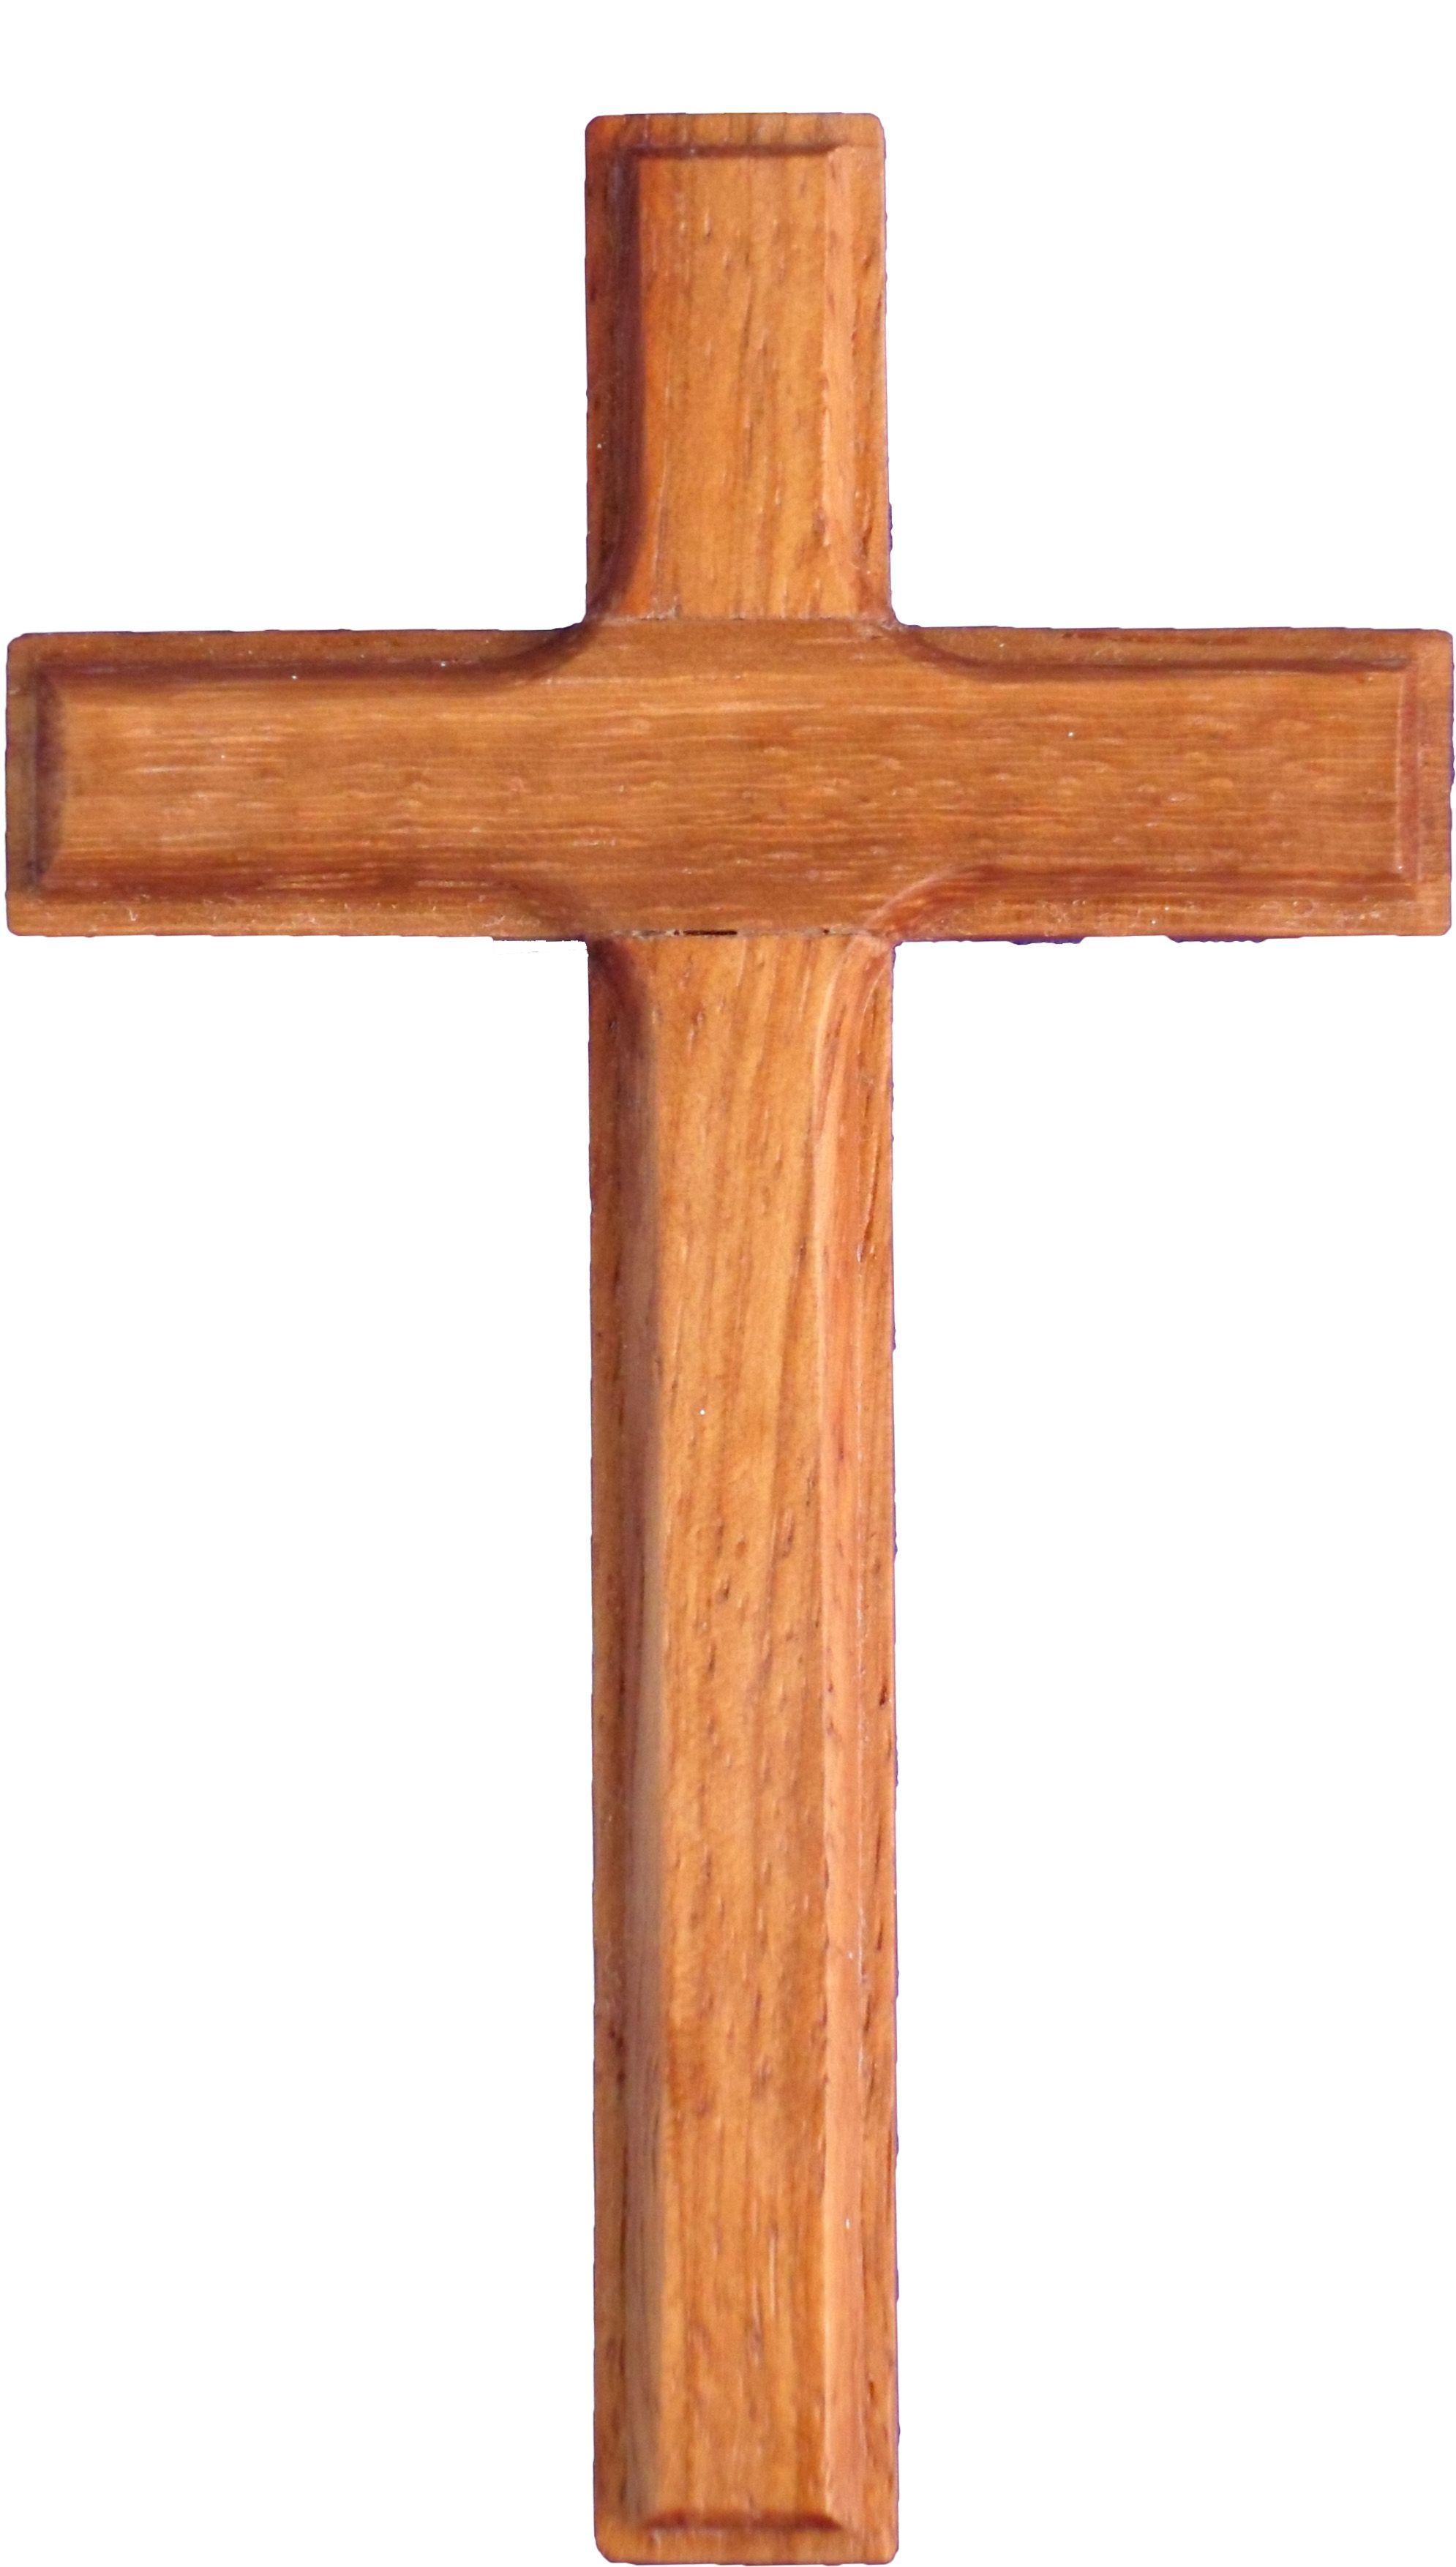 Wooden Cross Cro2 009 Wooden Cross Christian Cross Wooden Crosses